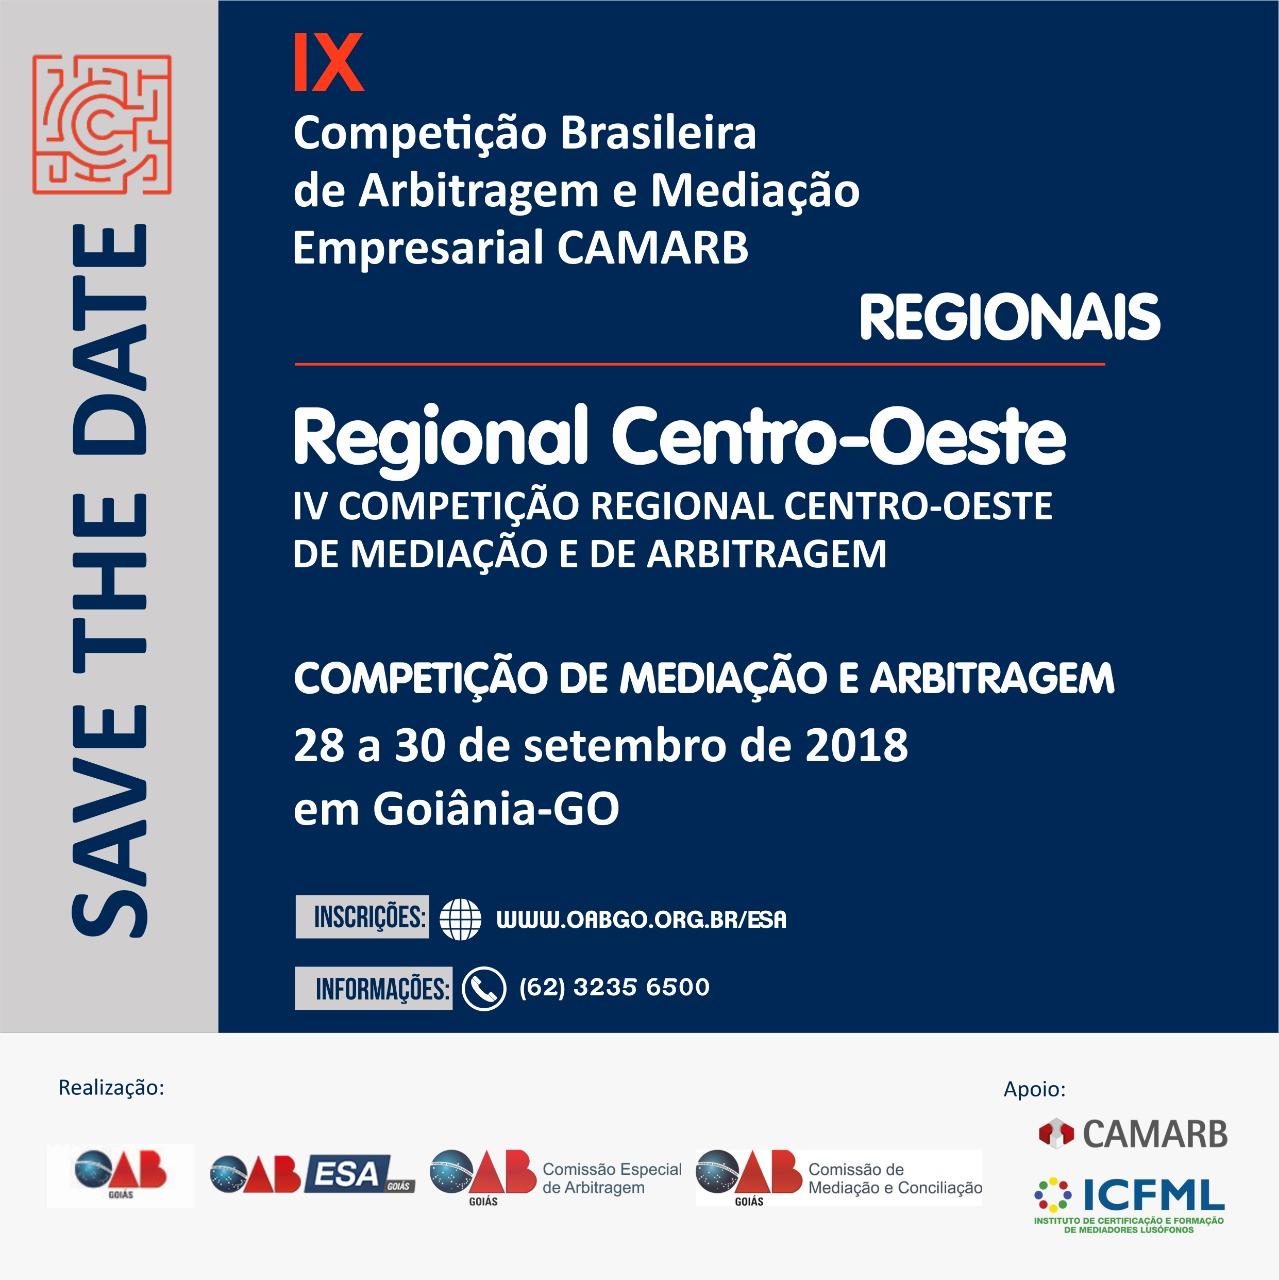 28 a 30.09 - IX Competição Brasileira de Arbitragem e Mediação - Regional Centro-Oeste